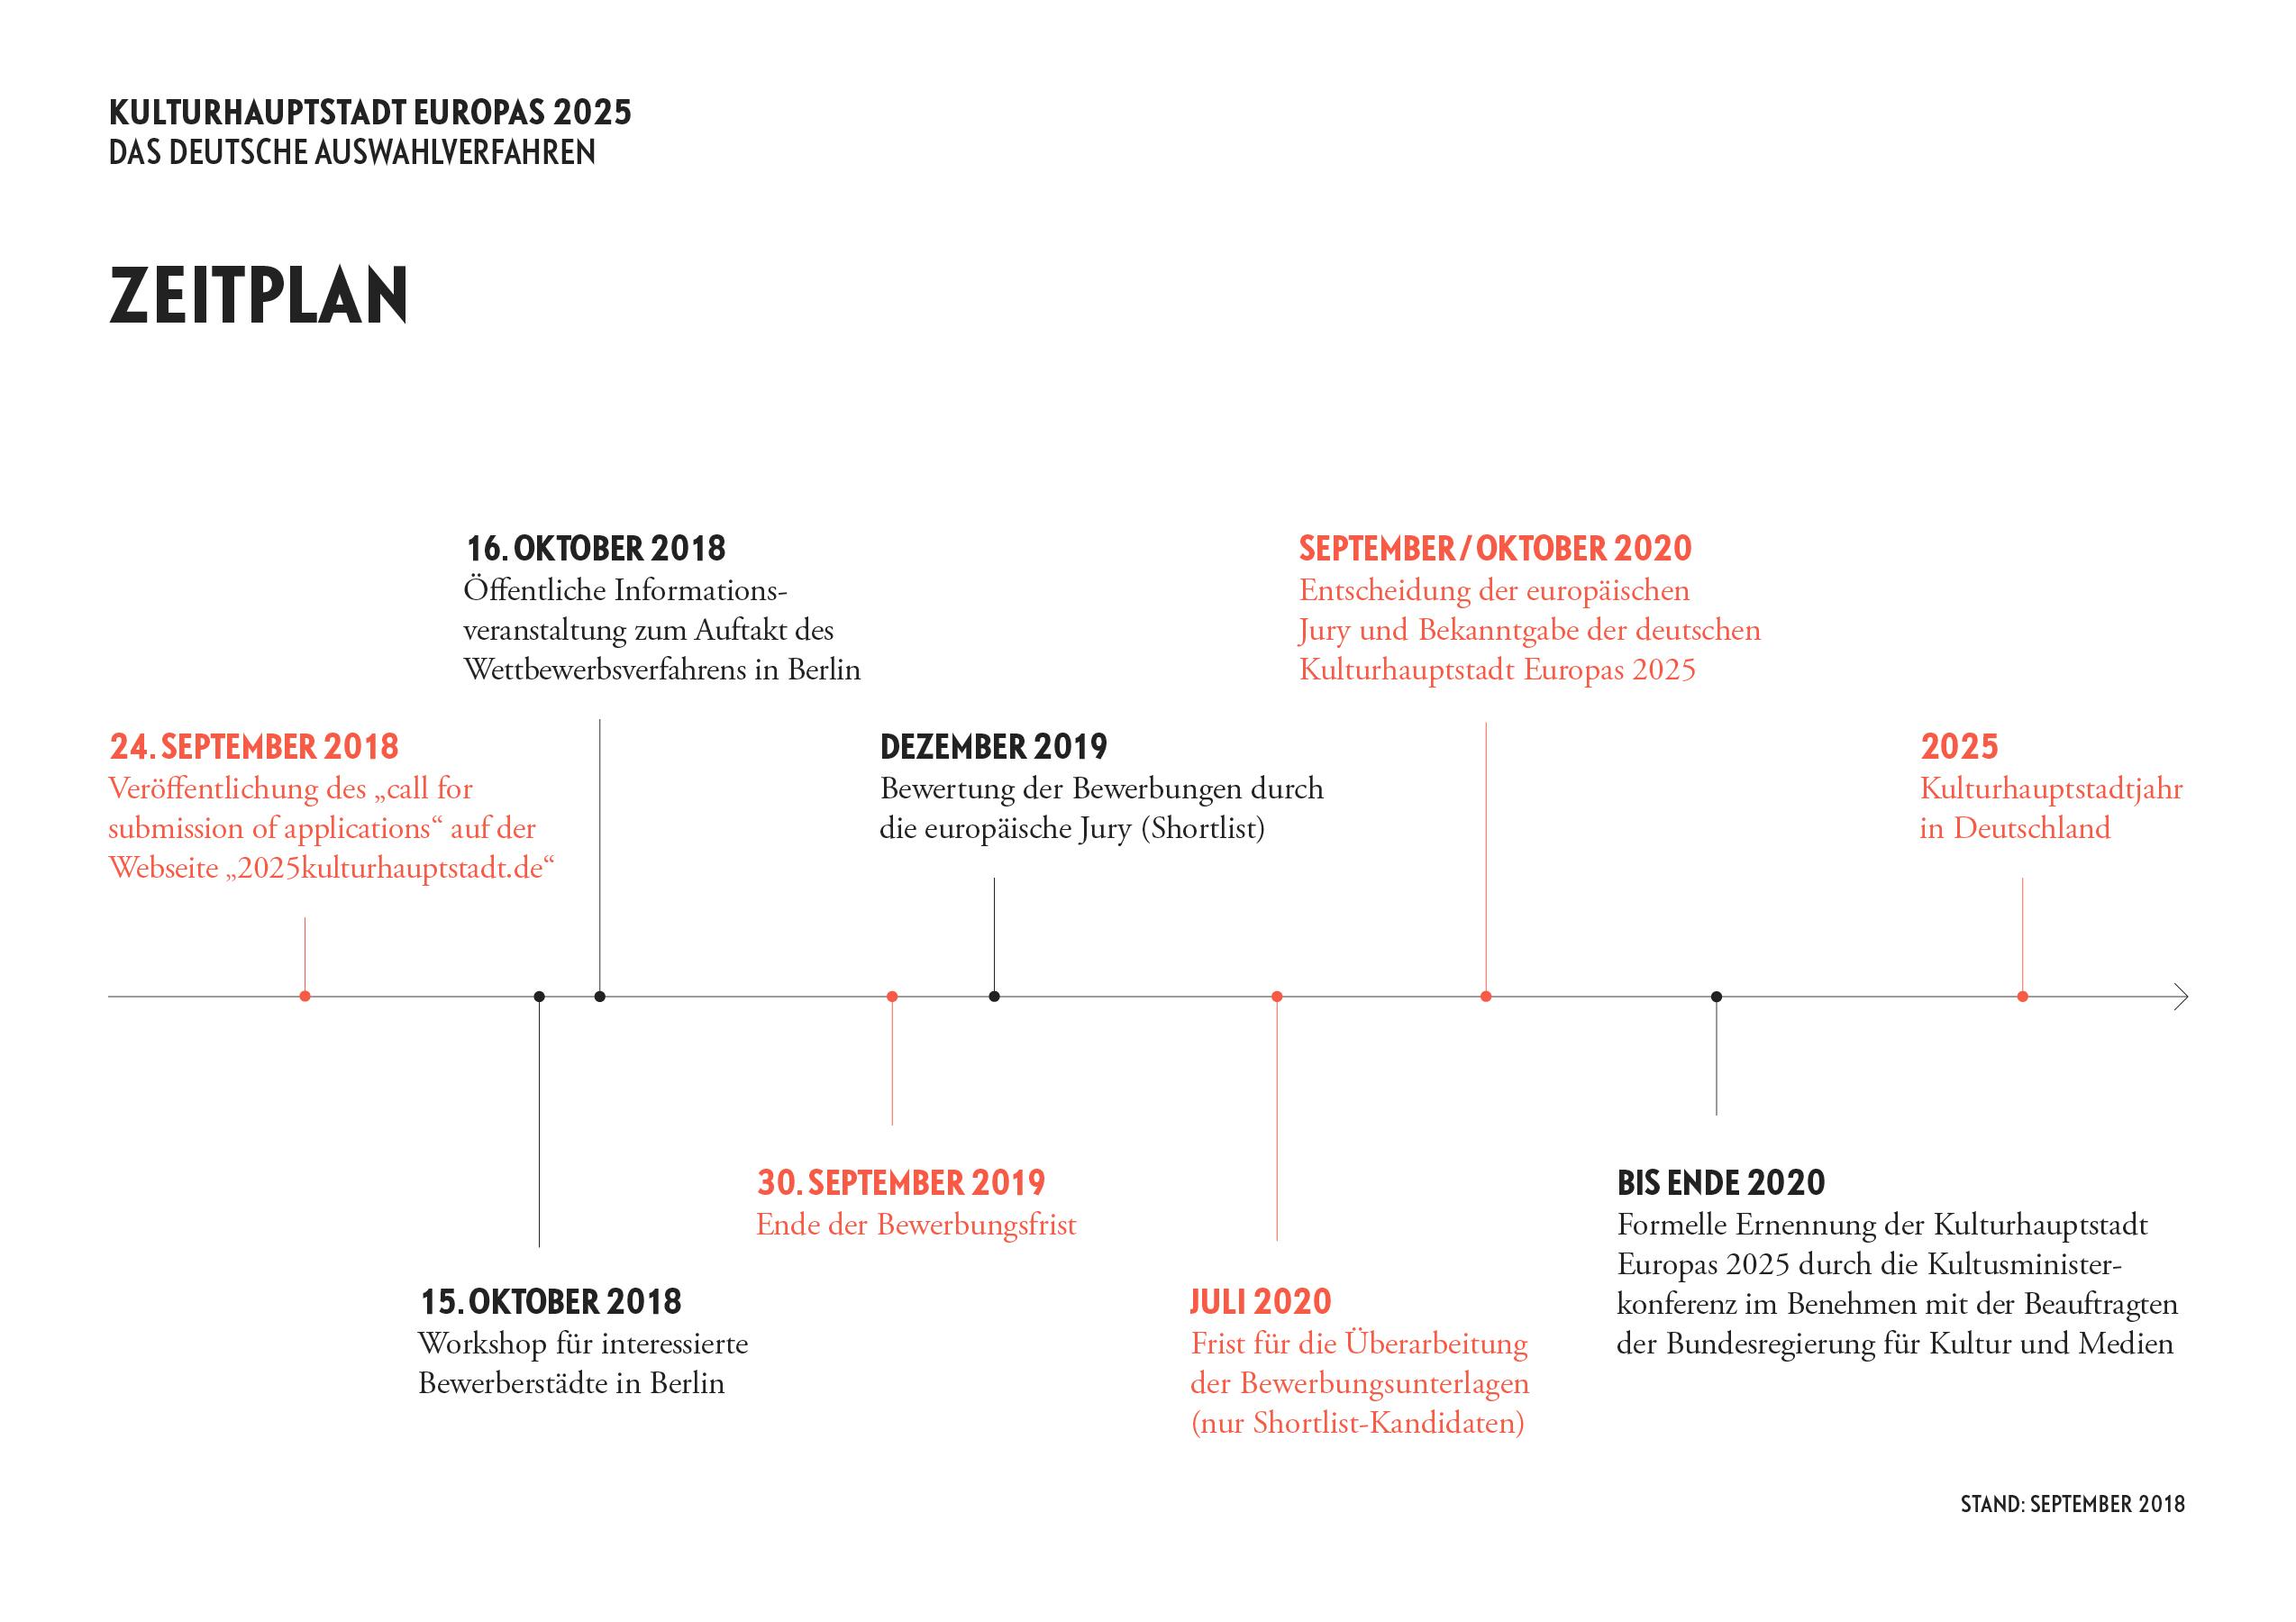 Bis zum 30. September 2019 haben alle interessierten Städte Zeit, ihre  Bewerbungsunterlagen bei der Kulturstiftung der Länder einzureichen.